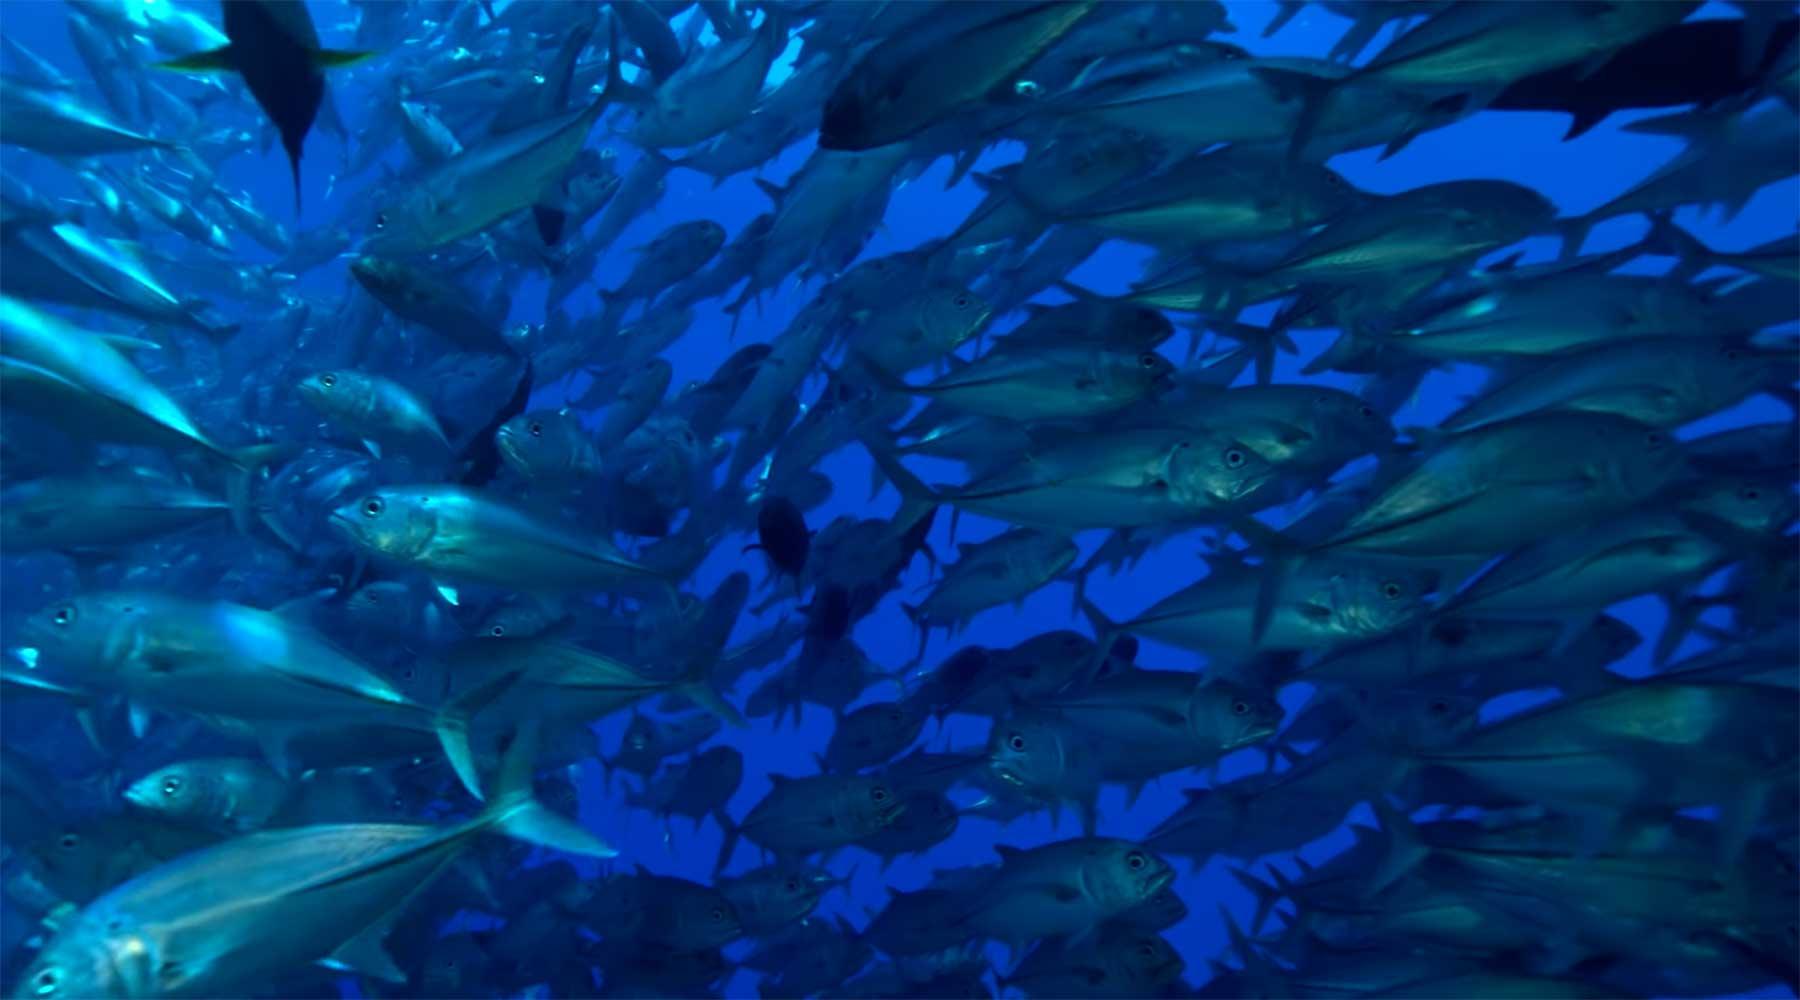 10 Stunden entspanntes Unterwasser-Leben 10-stunden-unterwasseraufnahmen